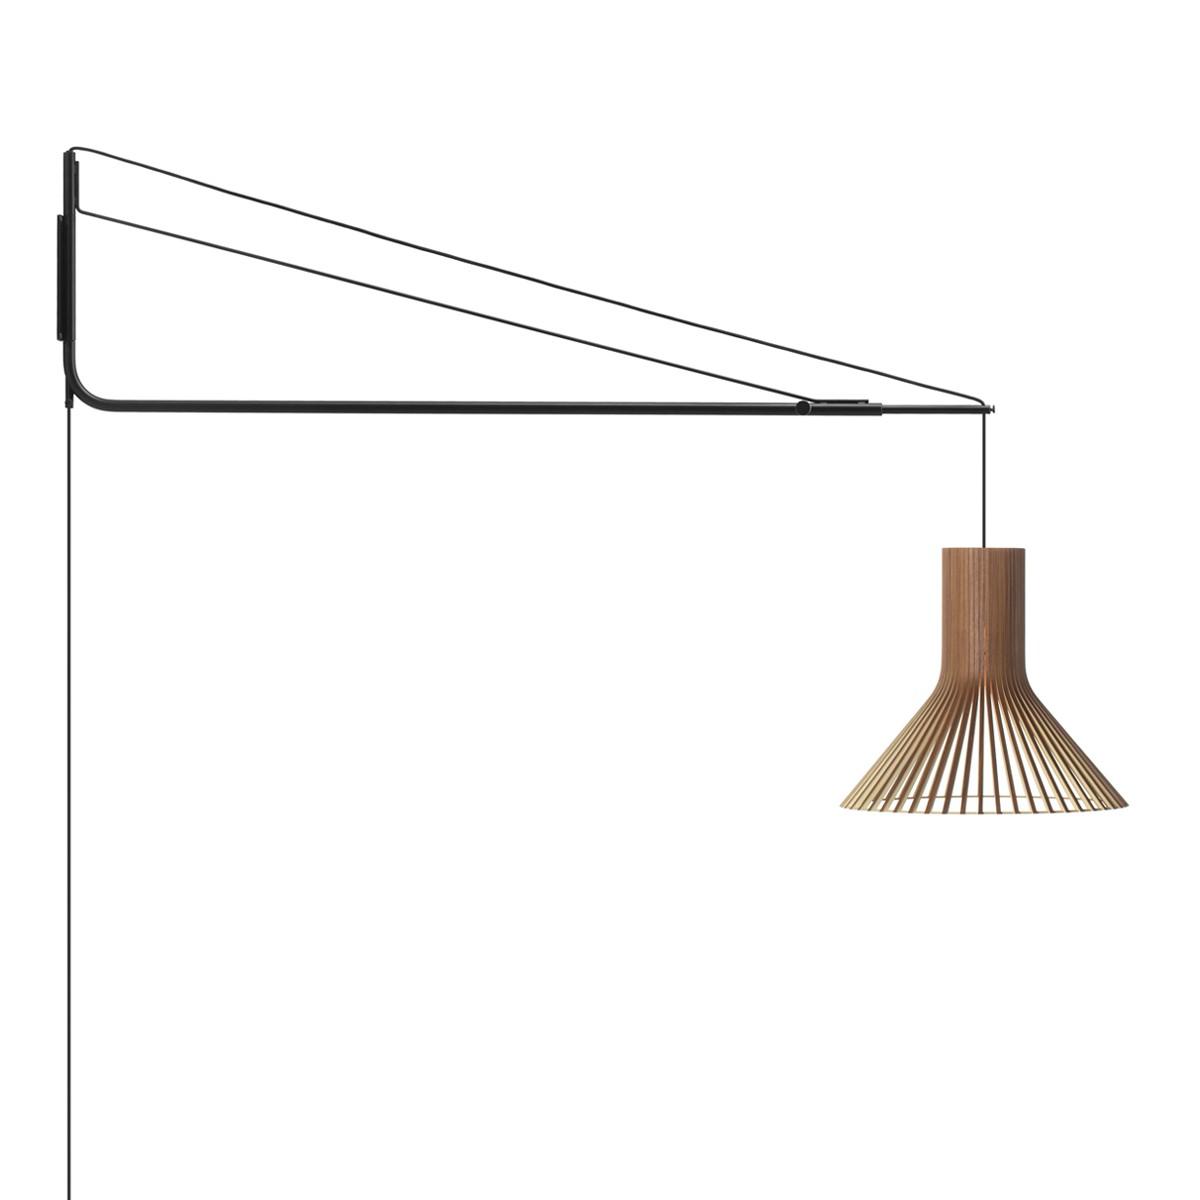 Secto Design Varsi 1000 Wandleuchte mit Puncto 4203, schwarz, Schirm: Walnussfurnier